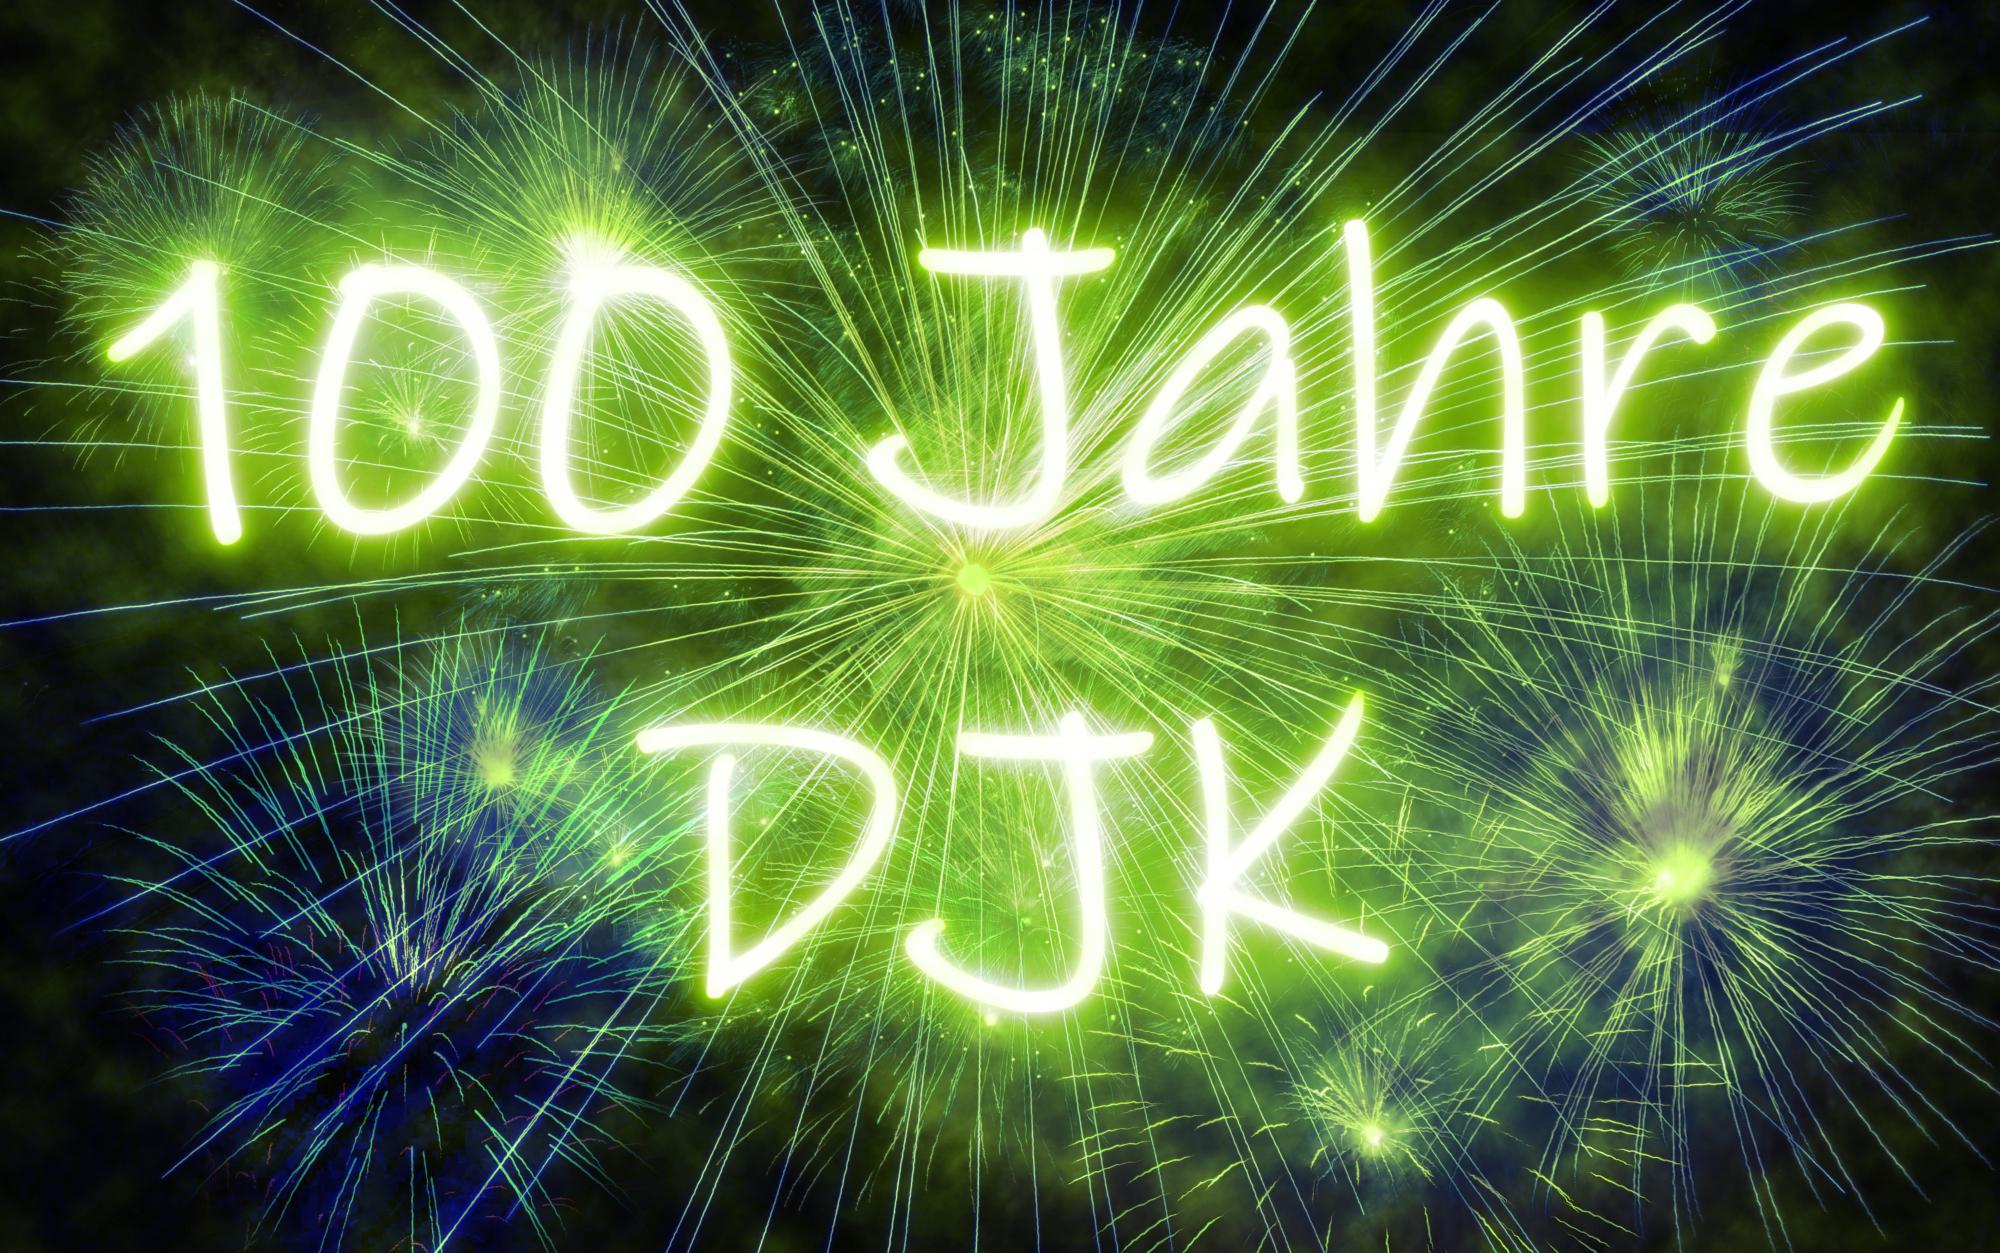 100 Jahre DJK